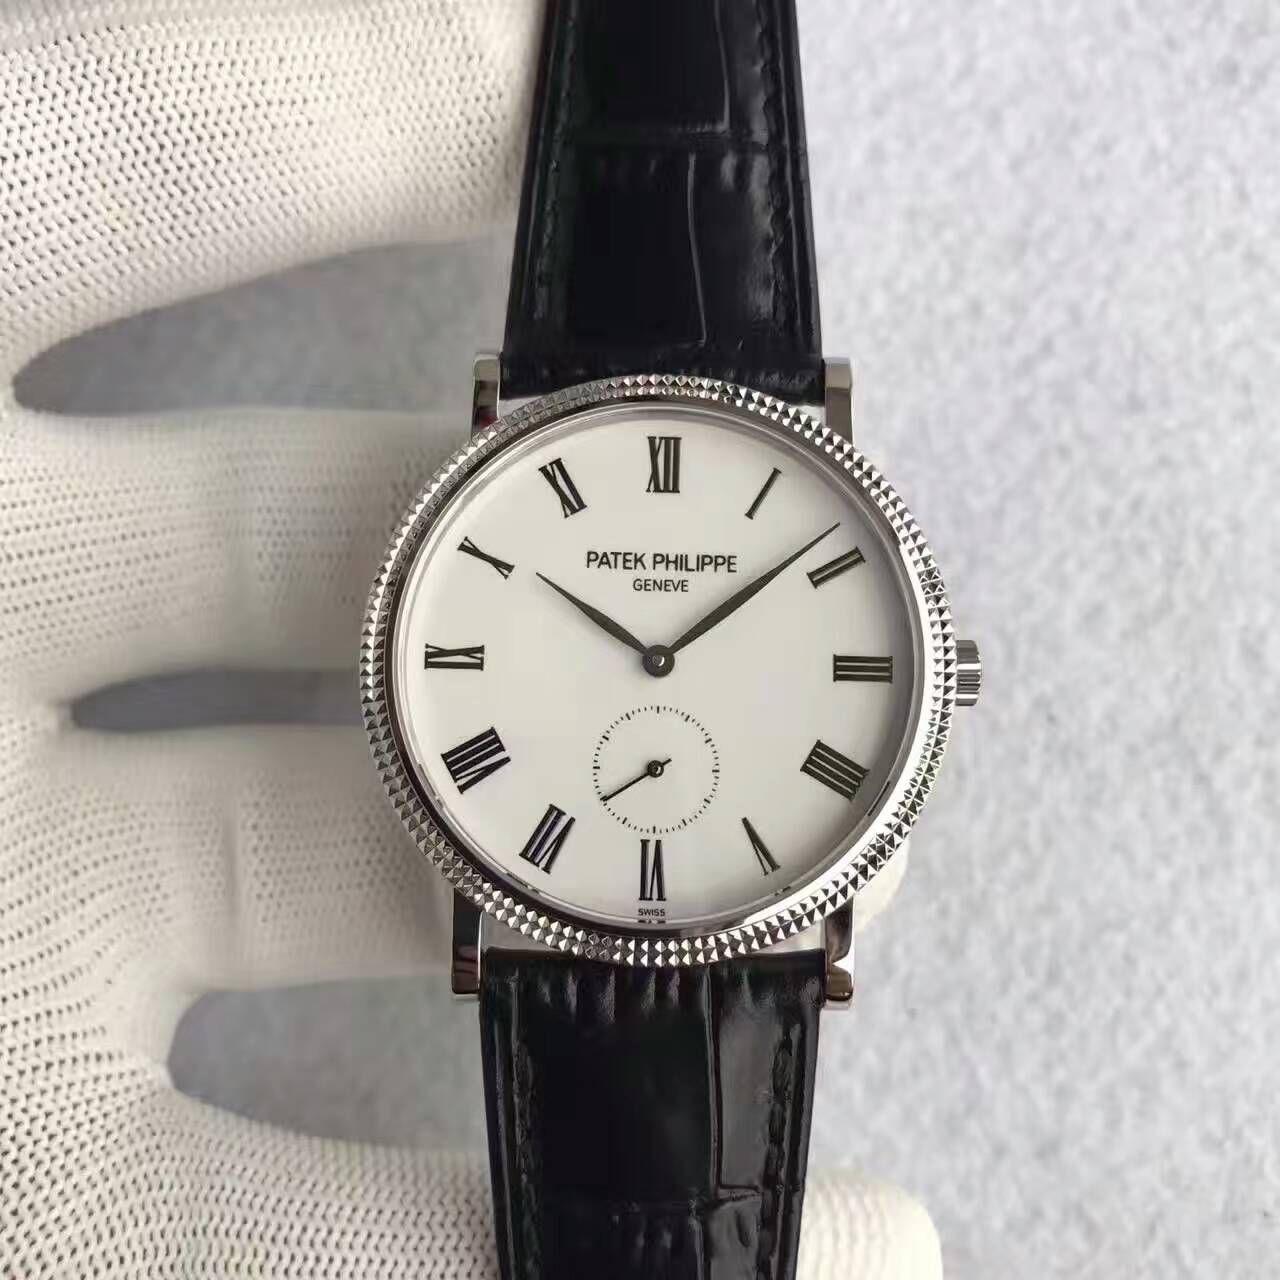 【台湾厂一比一超A精仿手表】百达翡丽古典表系列5119G-001腕表价格报价